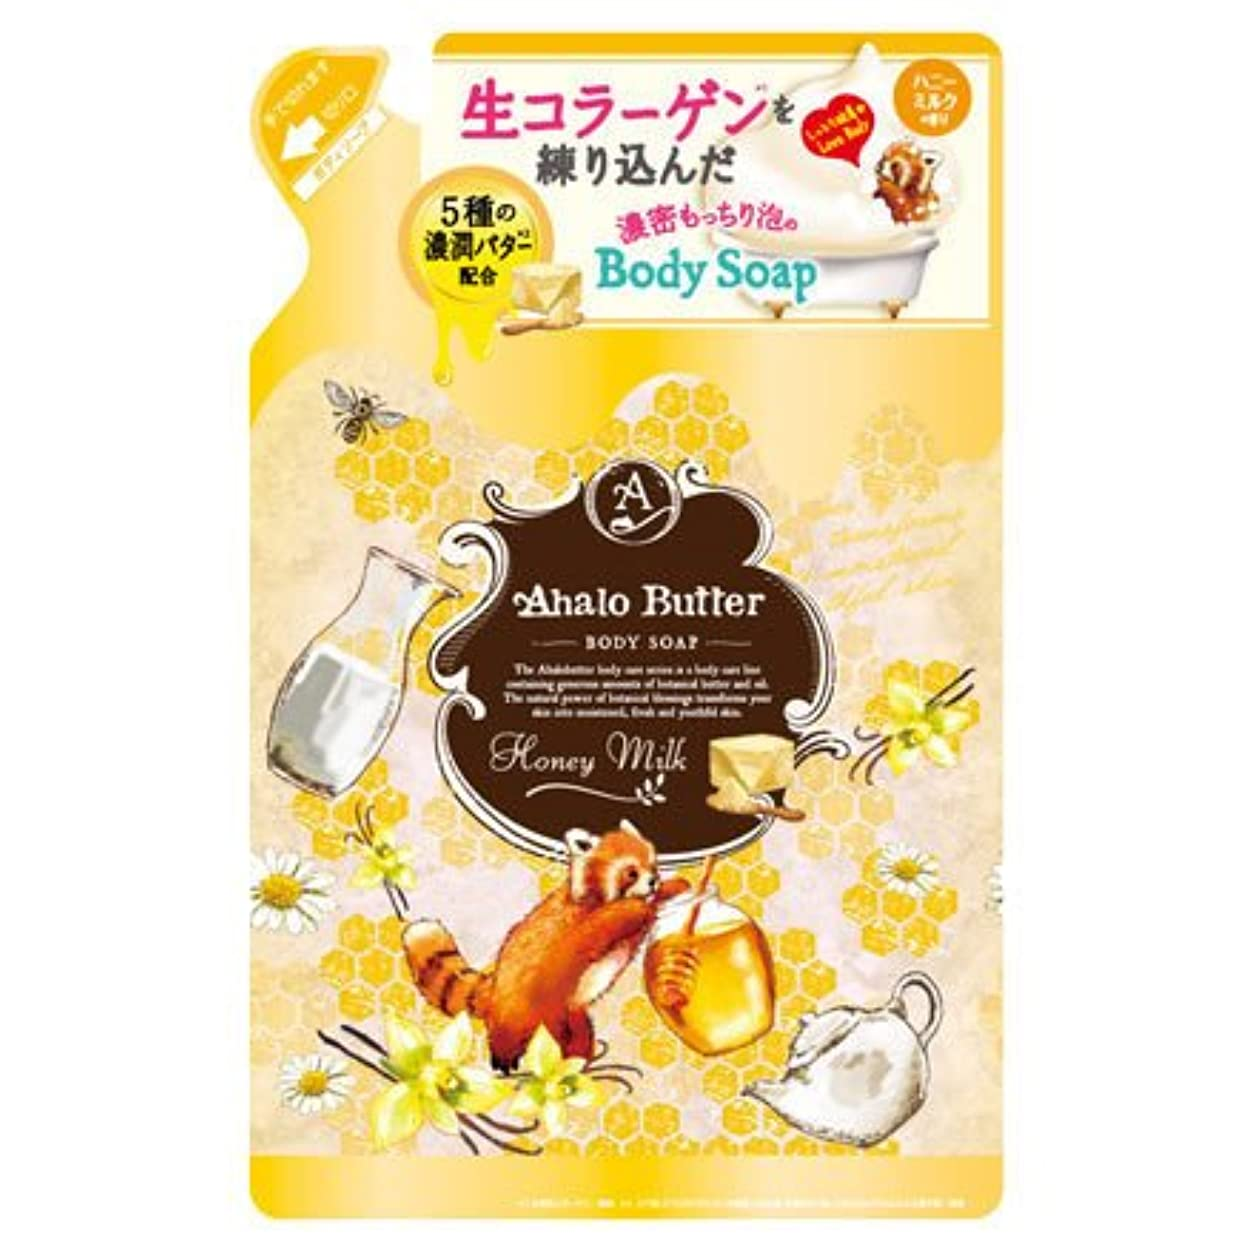 Ahalo butter(アハロバター) ボディソープ ハニーミルク つめ替 420ml